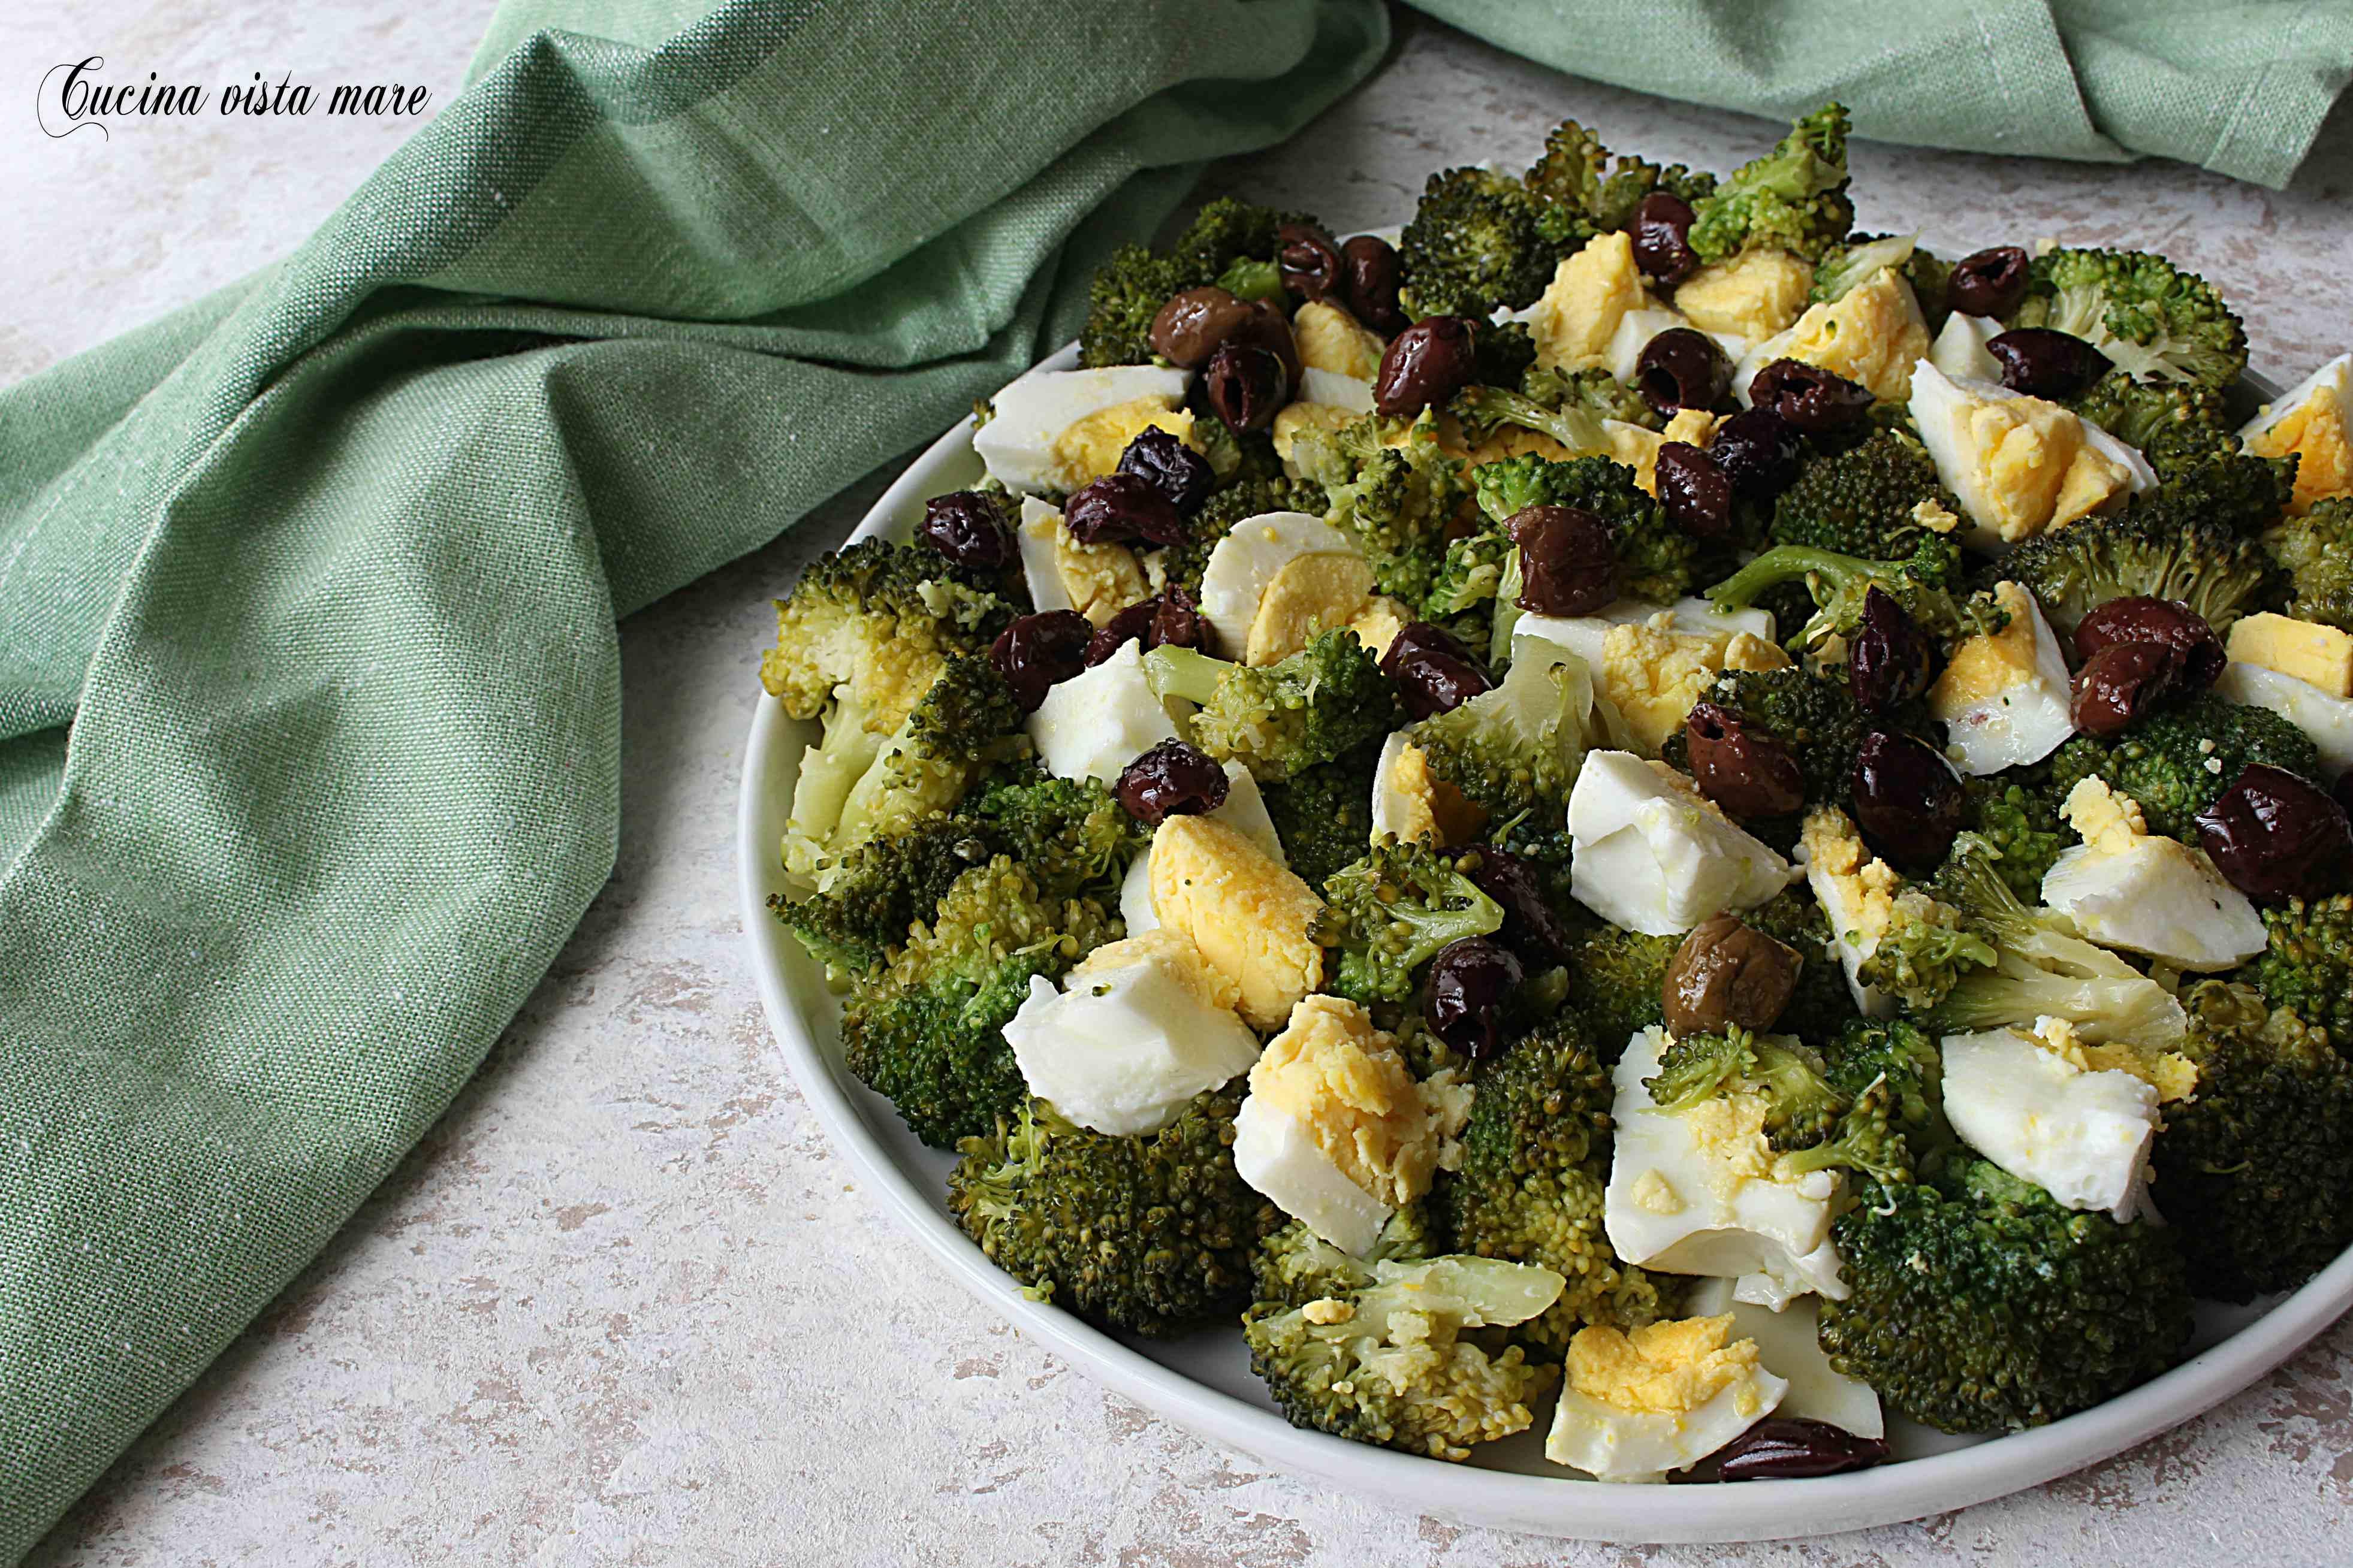 Insalata di broccoli olive e uova sode Cucina vista mare